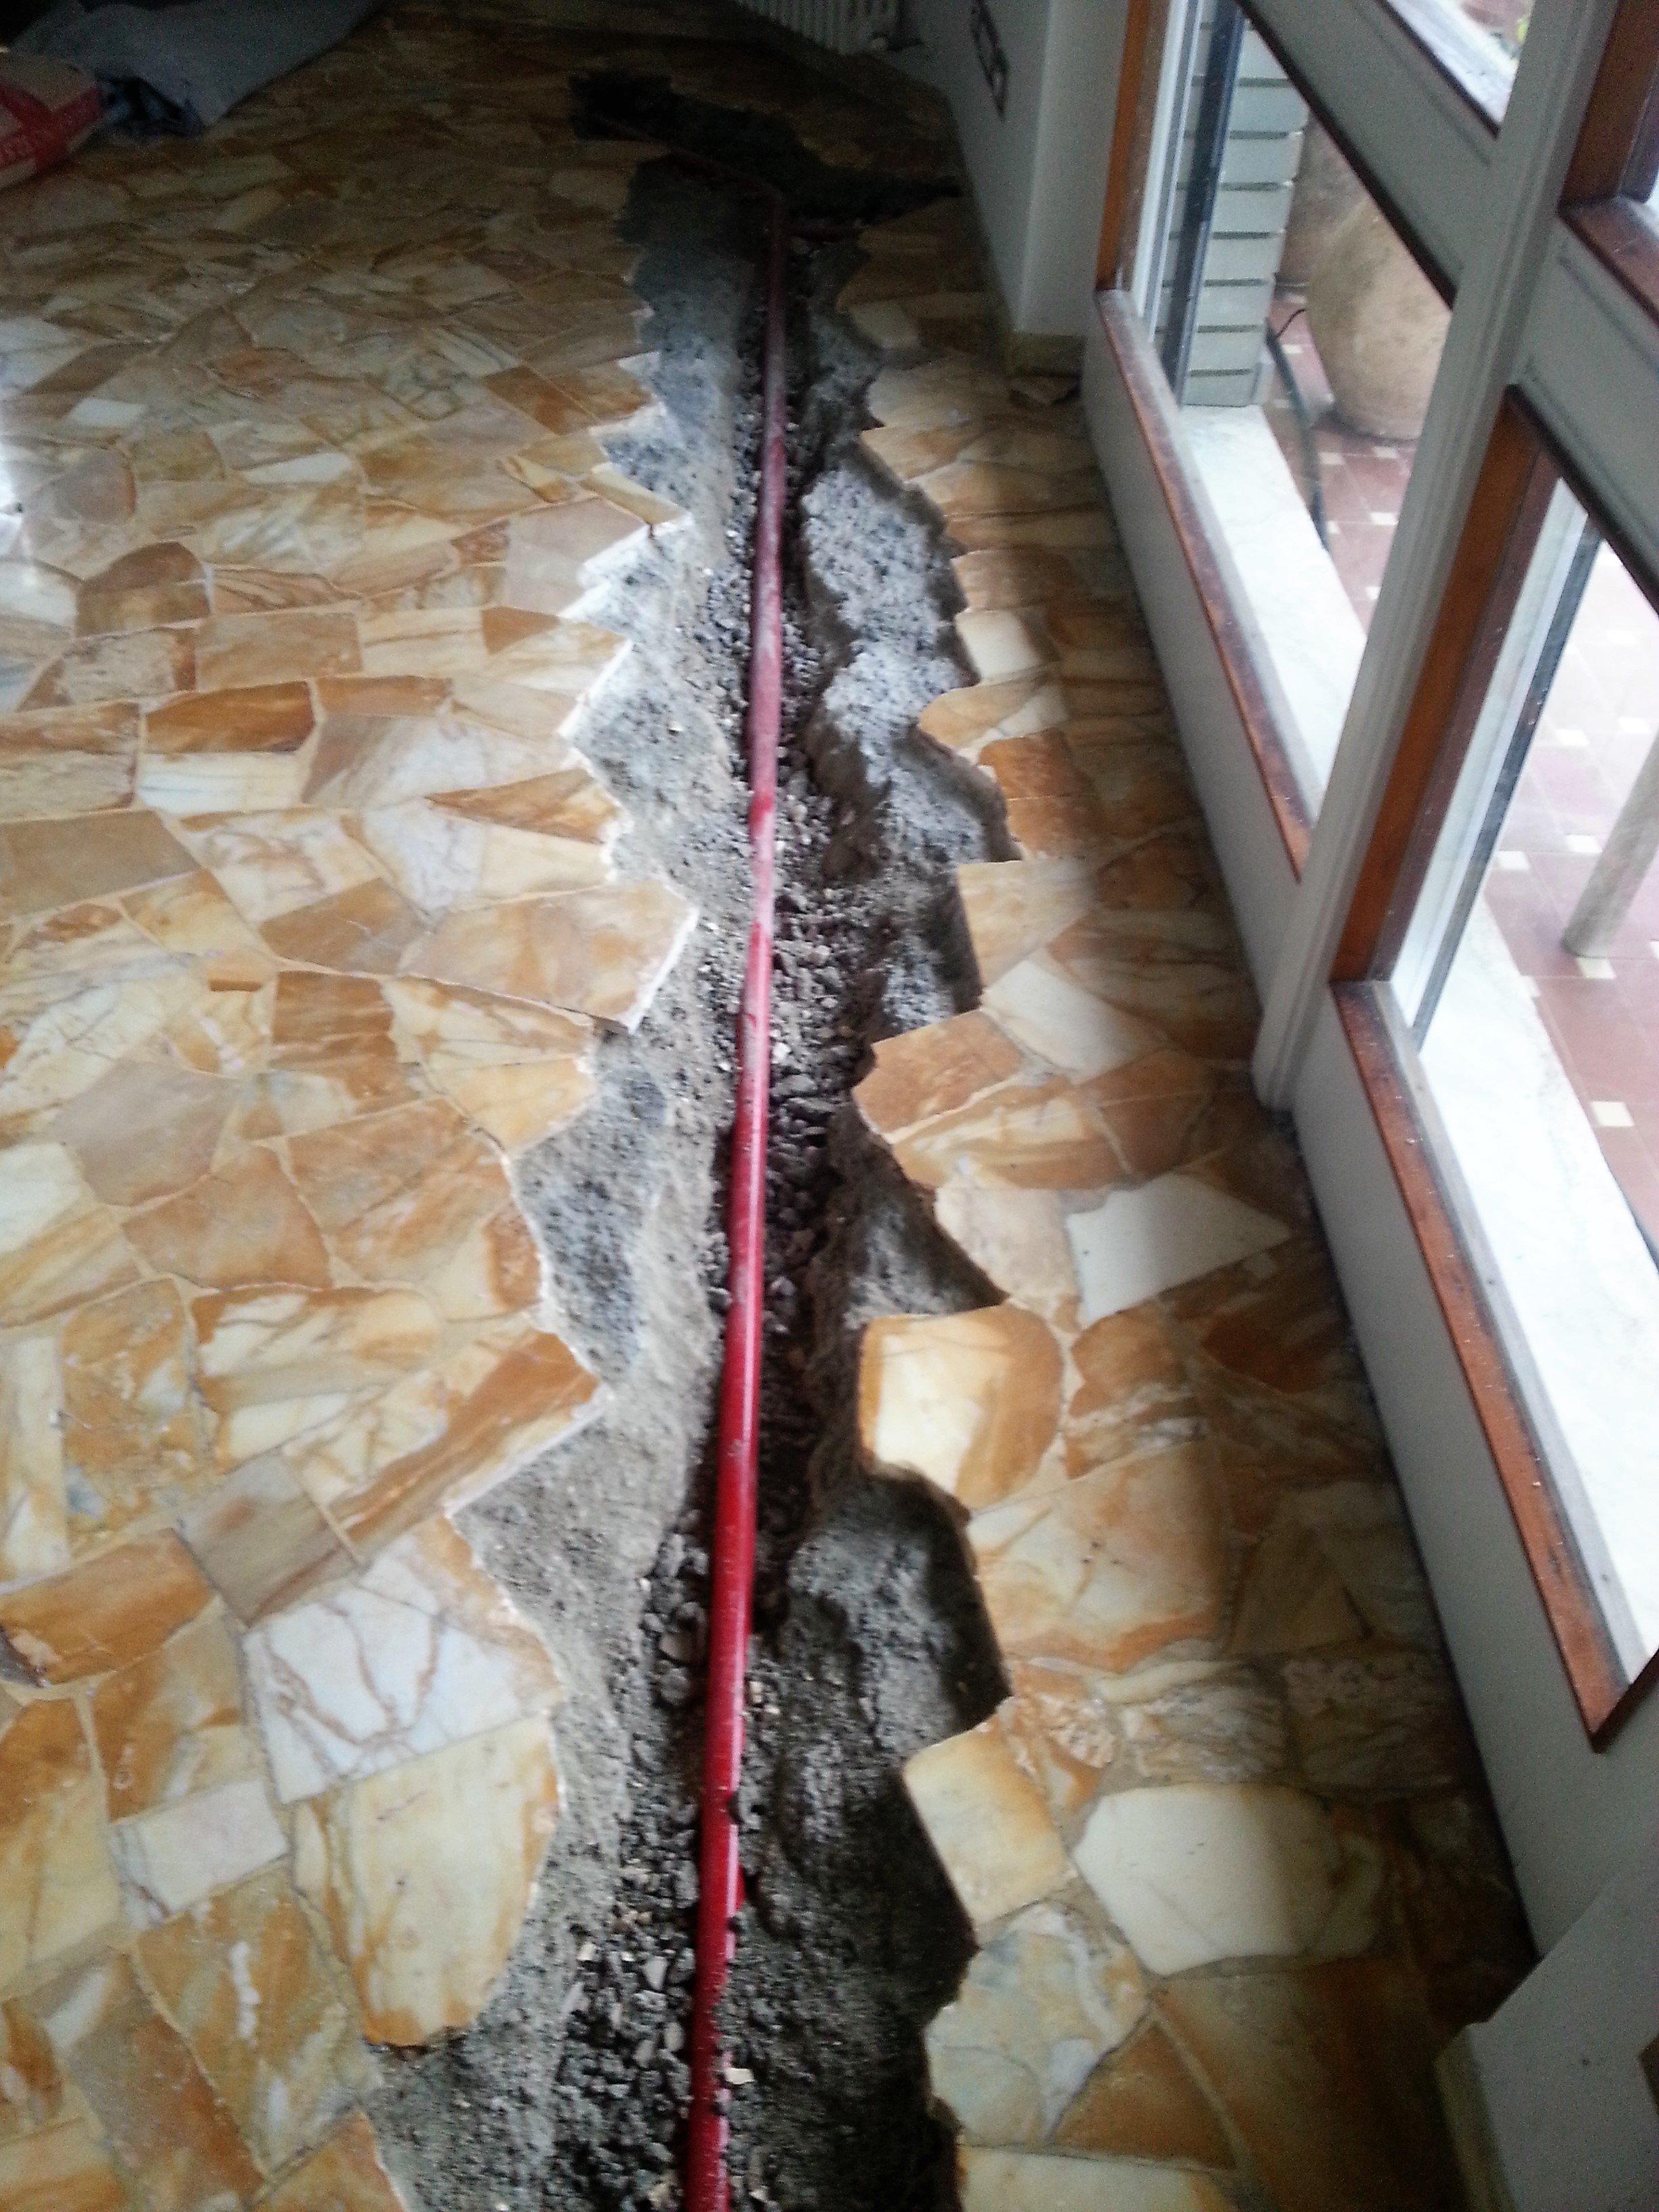 pavimento rotto dopo lavori alle tubature